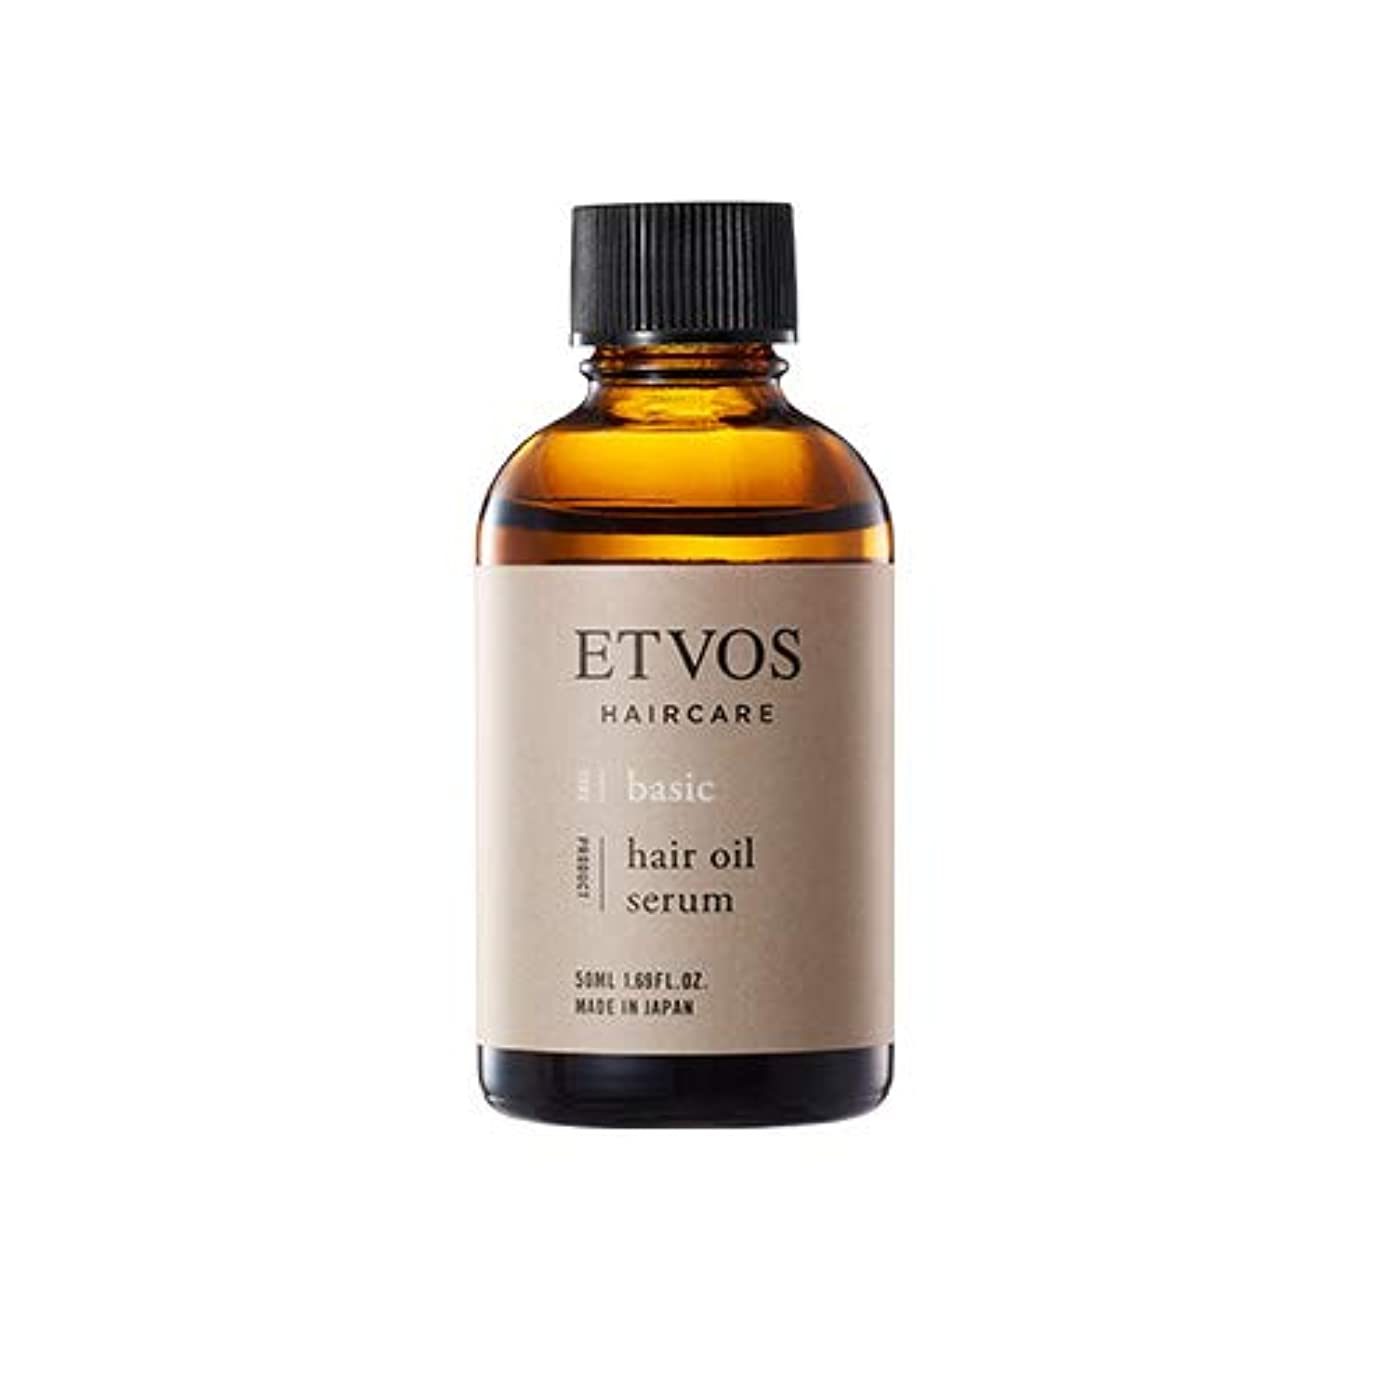 火山学者バッフル安全性ETVOS(エトヴォス) ヘアオイルセラム 50ml ヘアスタイル 毛髪補修成分 乾燥 熱 ノンシリコン 美容オイル